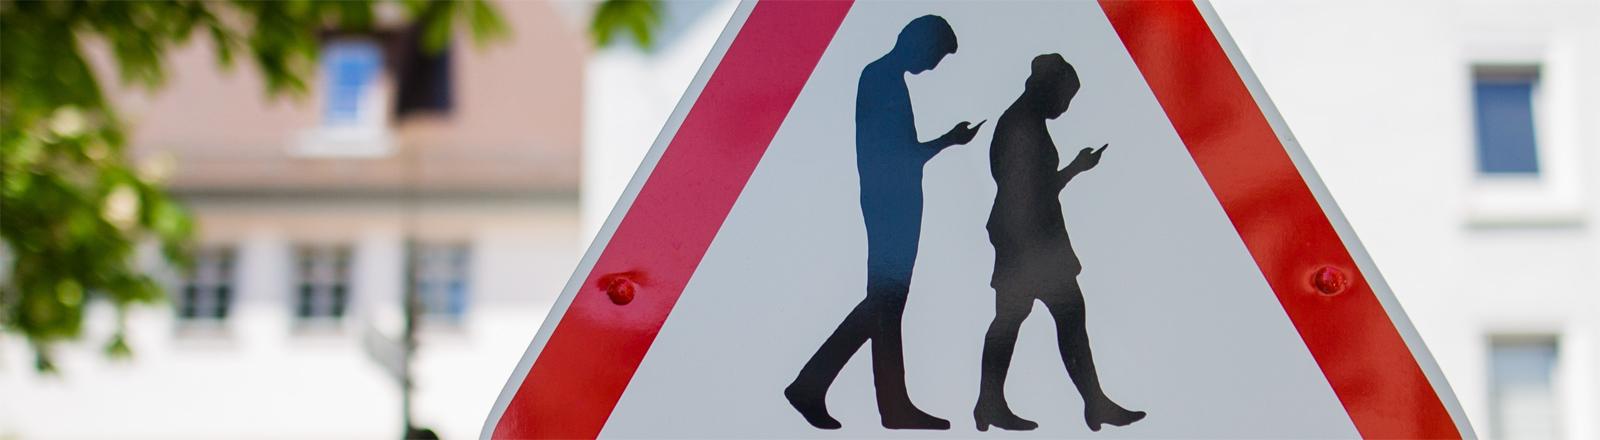 Ein Schild warnt neben einer Schule vor Menschen, die ständig mit dem Blick auf das Handy über die Straßen laufen.